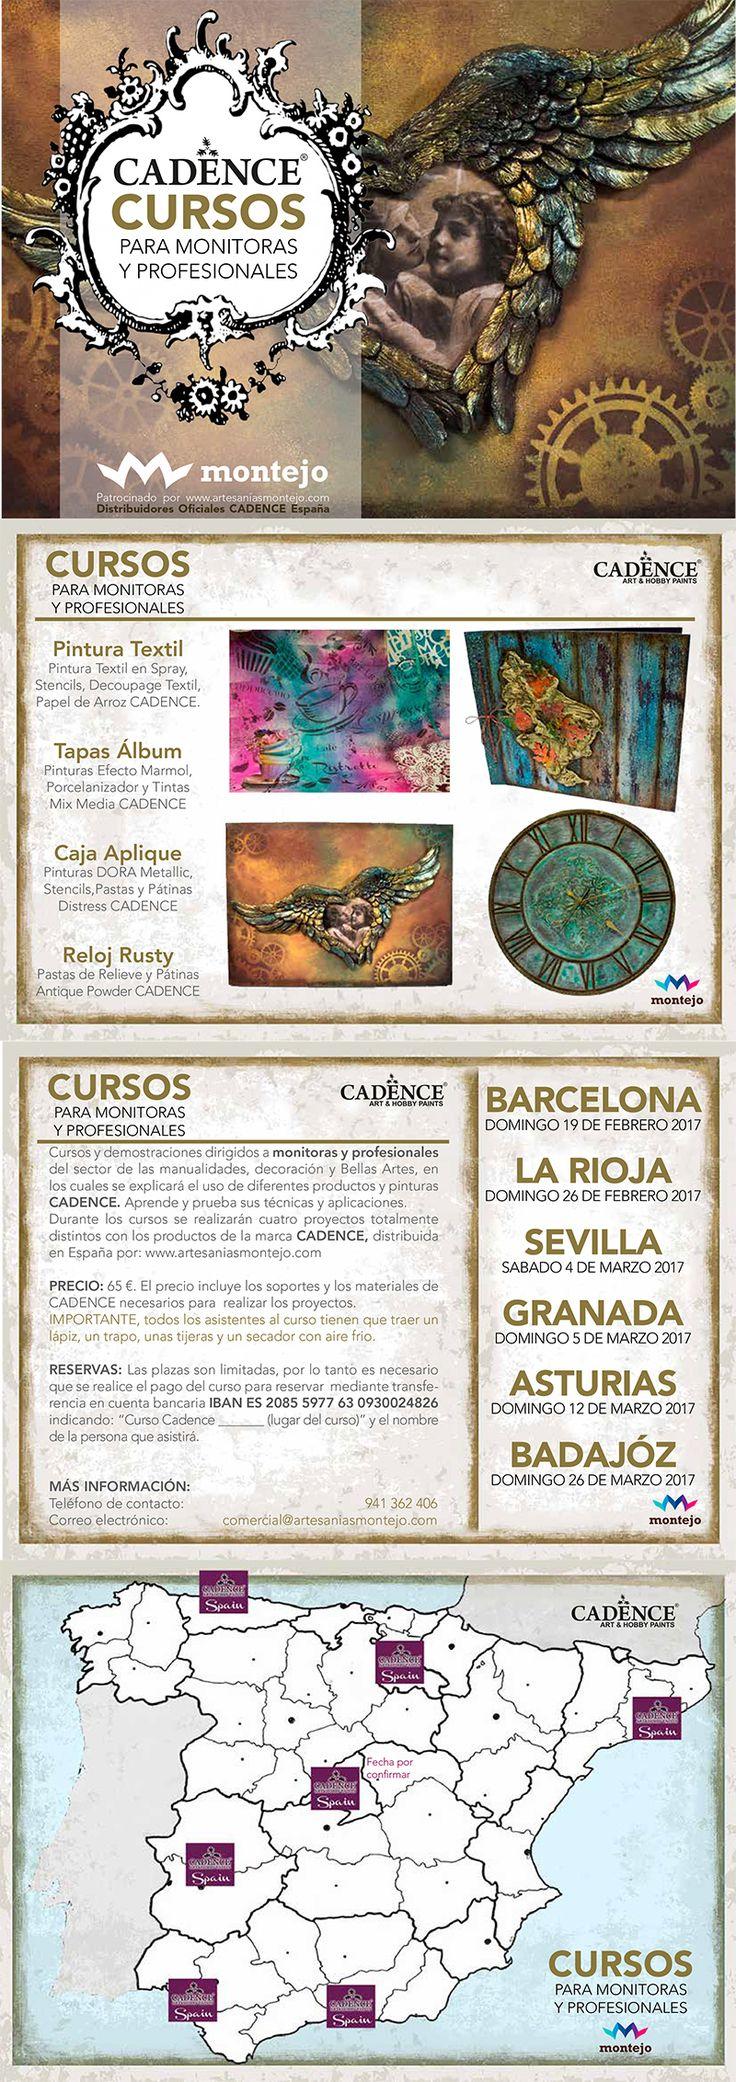 Cursos #CADENCE para profesionales y monitoras, organizado por www.artesaniasmontejo.com